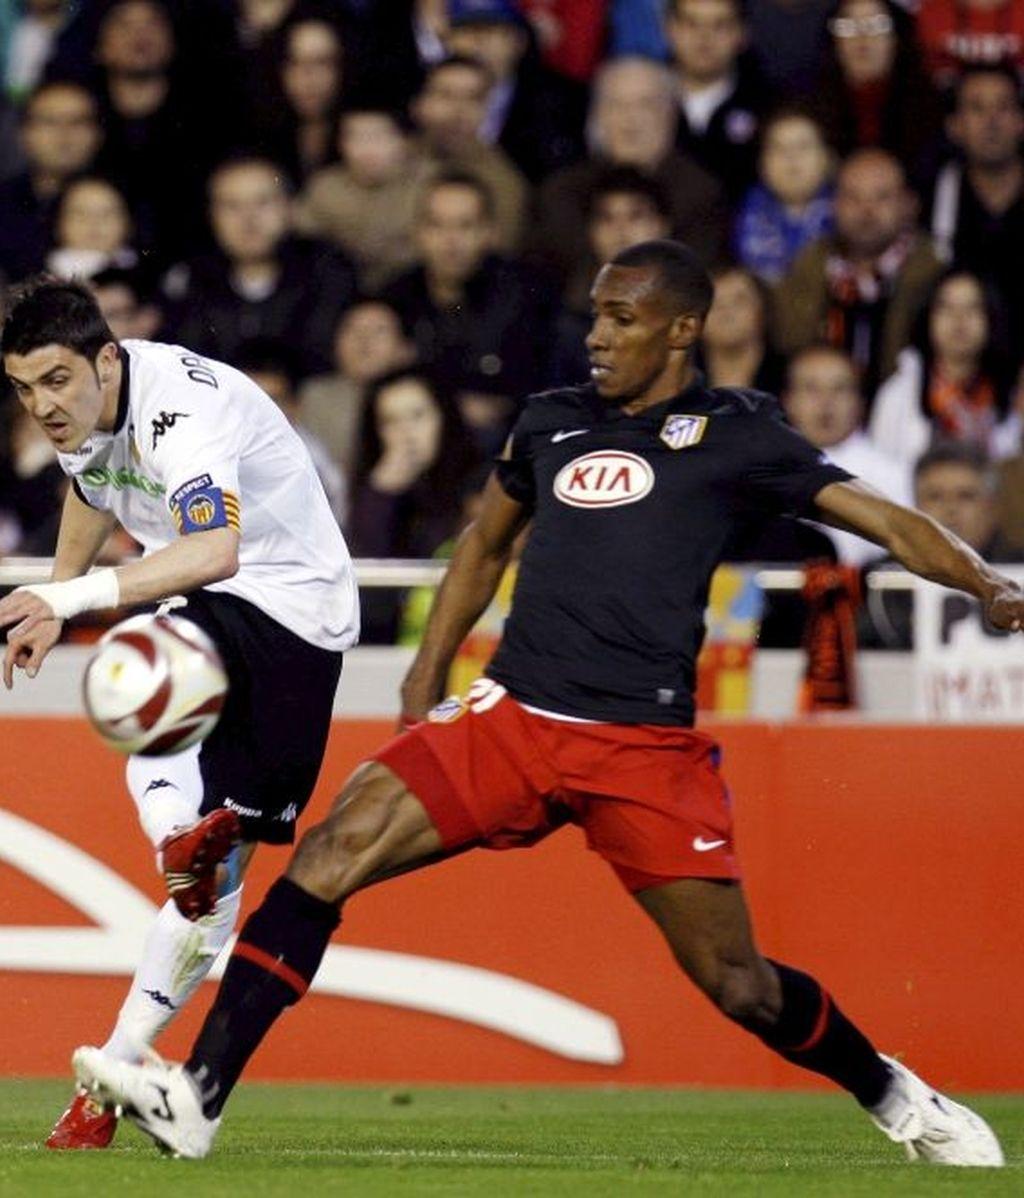 El Valencia centra su ataque en Villa